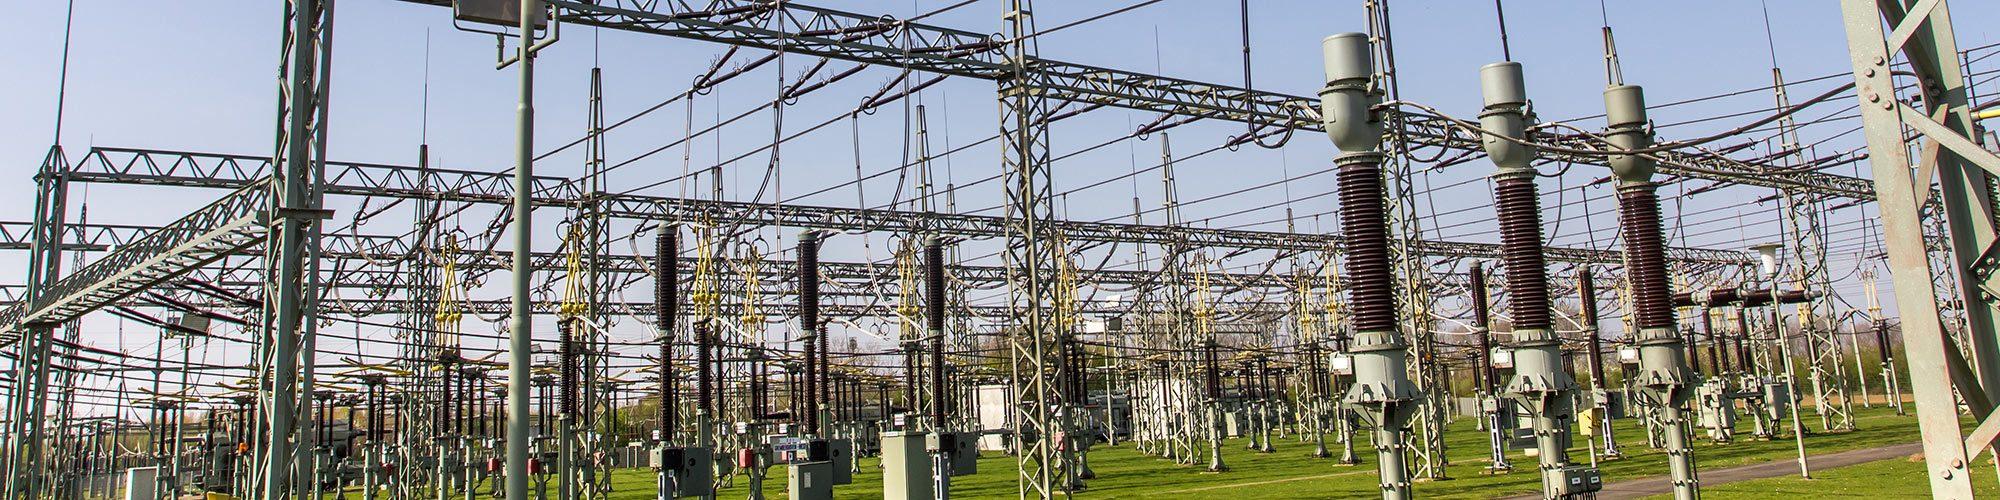 Surveillance sécurisée des installations électriques de distribution